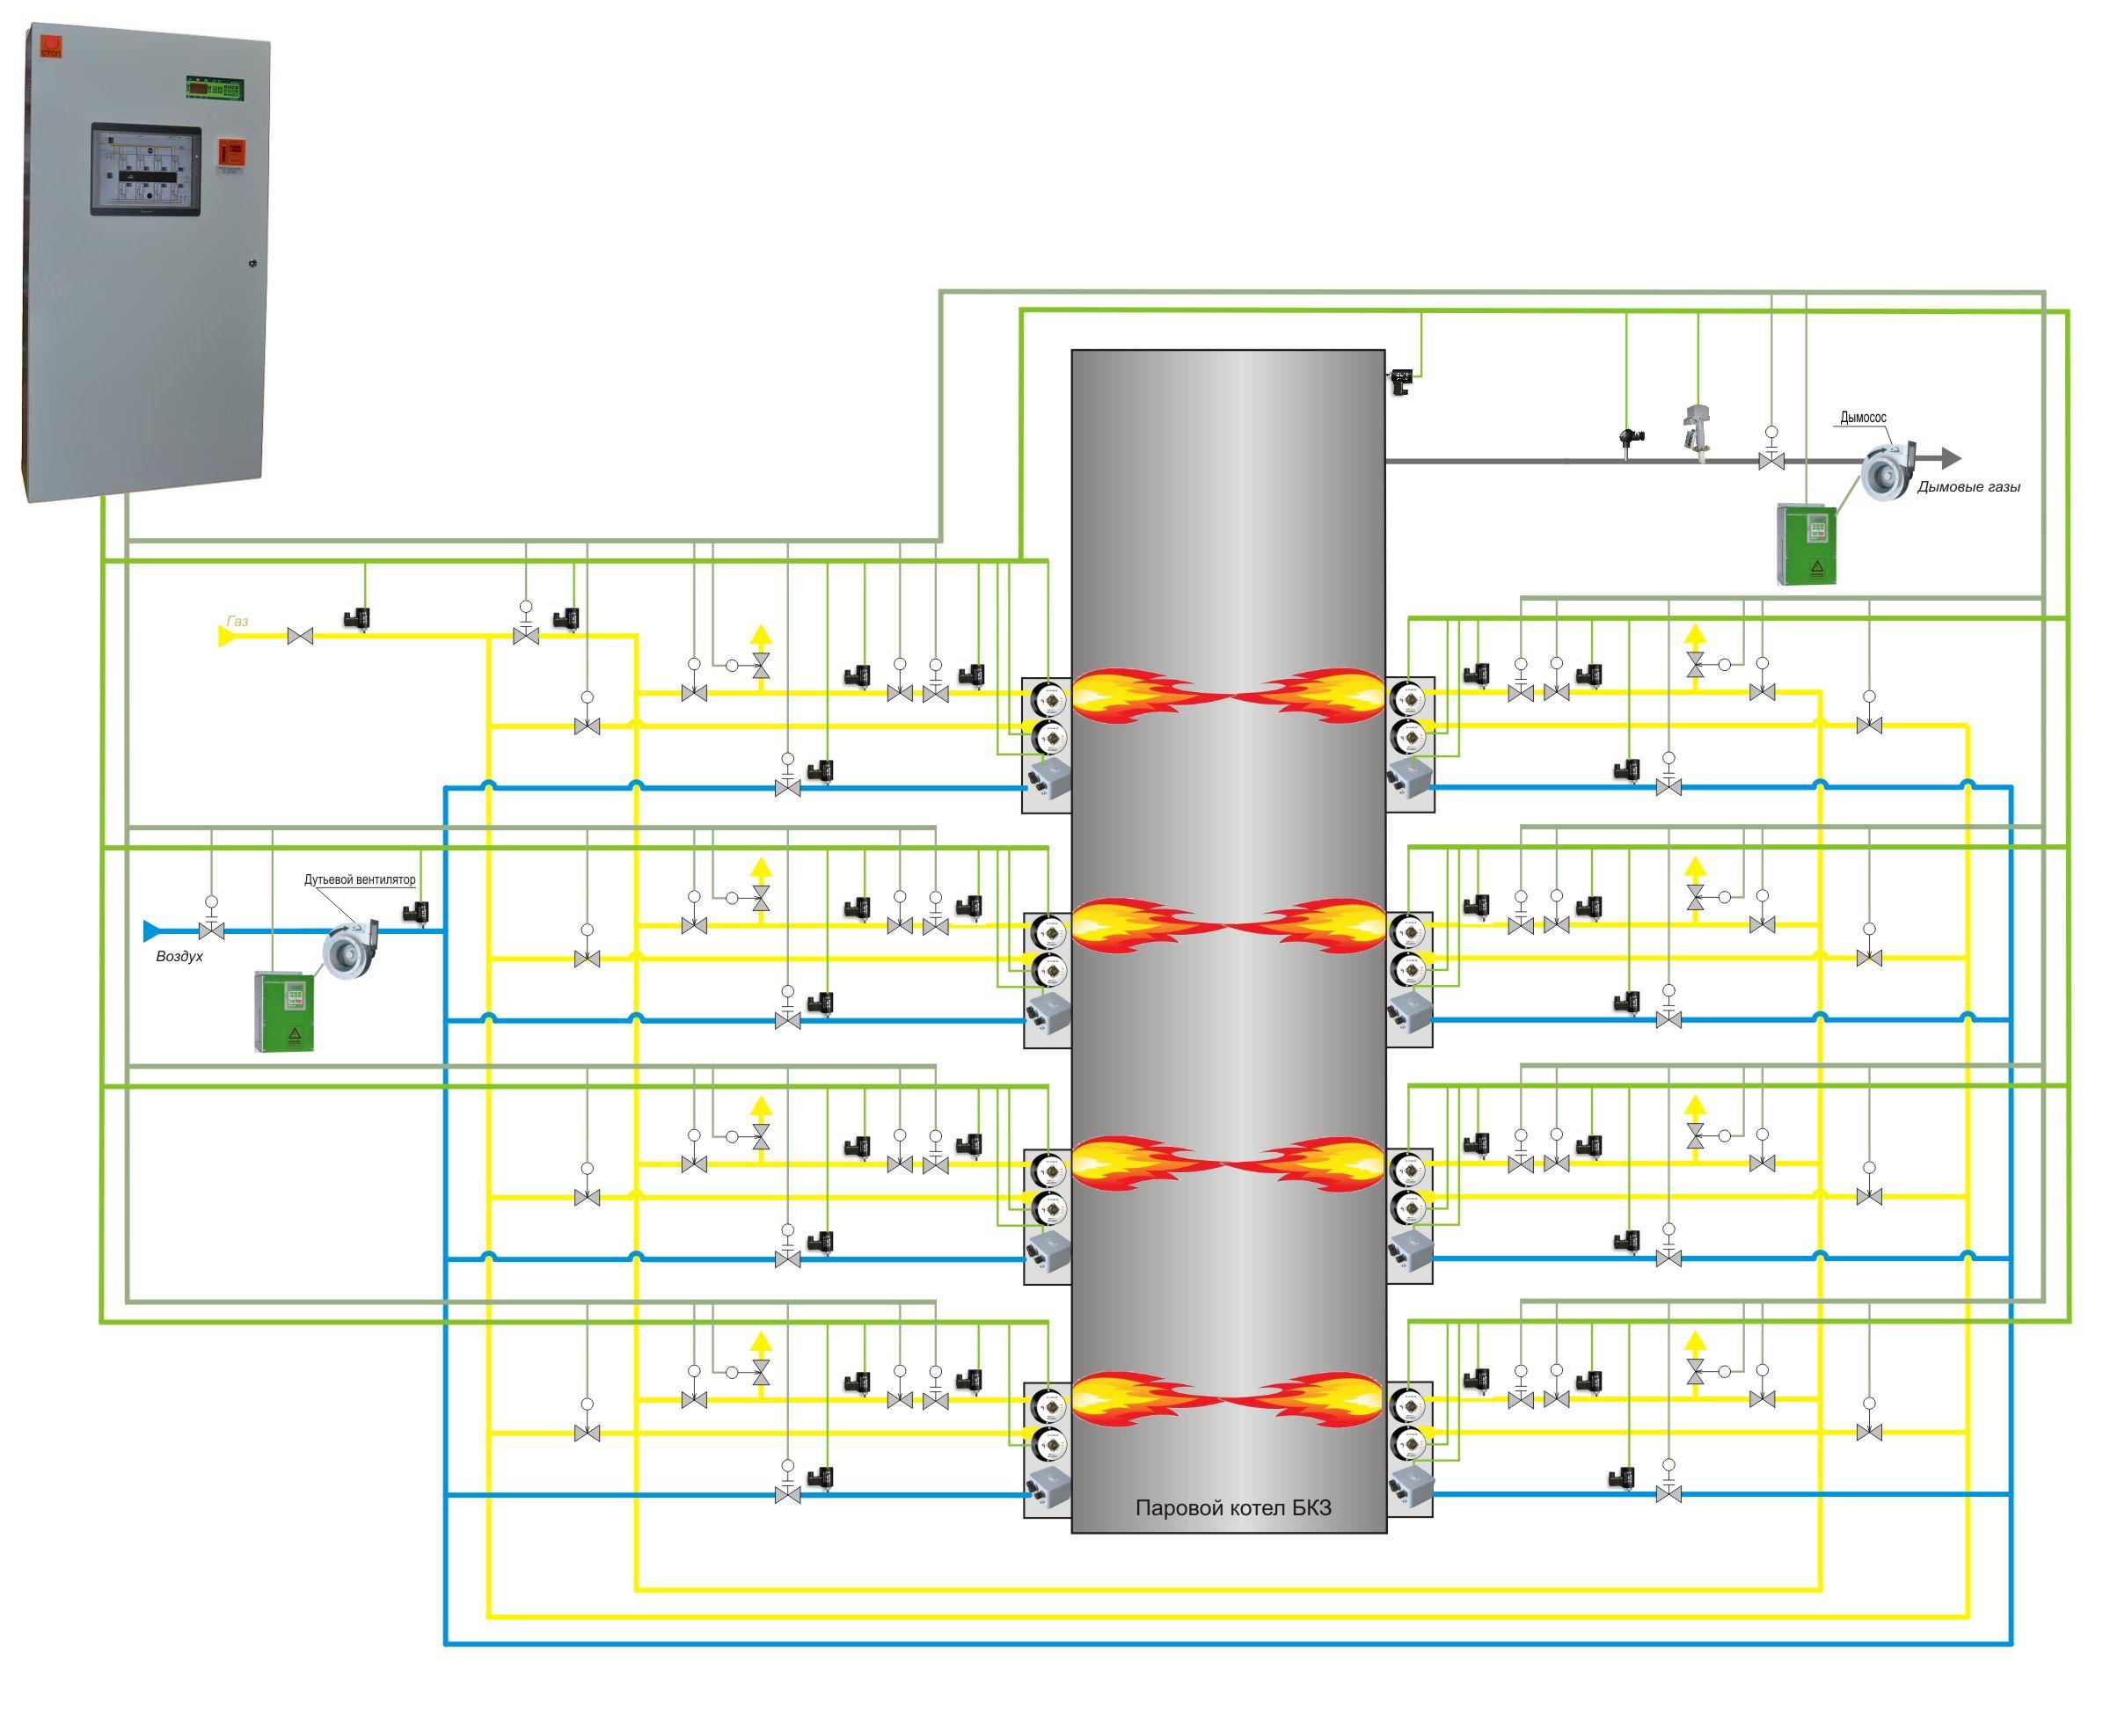 Сетевая установка с пароводяным теплообменником теплообменник пластинчатый gx26 tranter чертежи эскизы